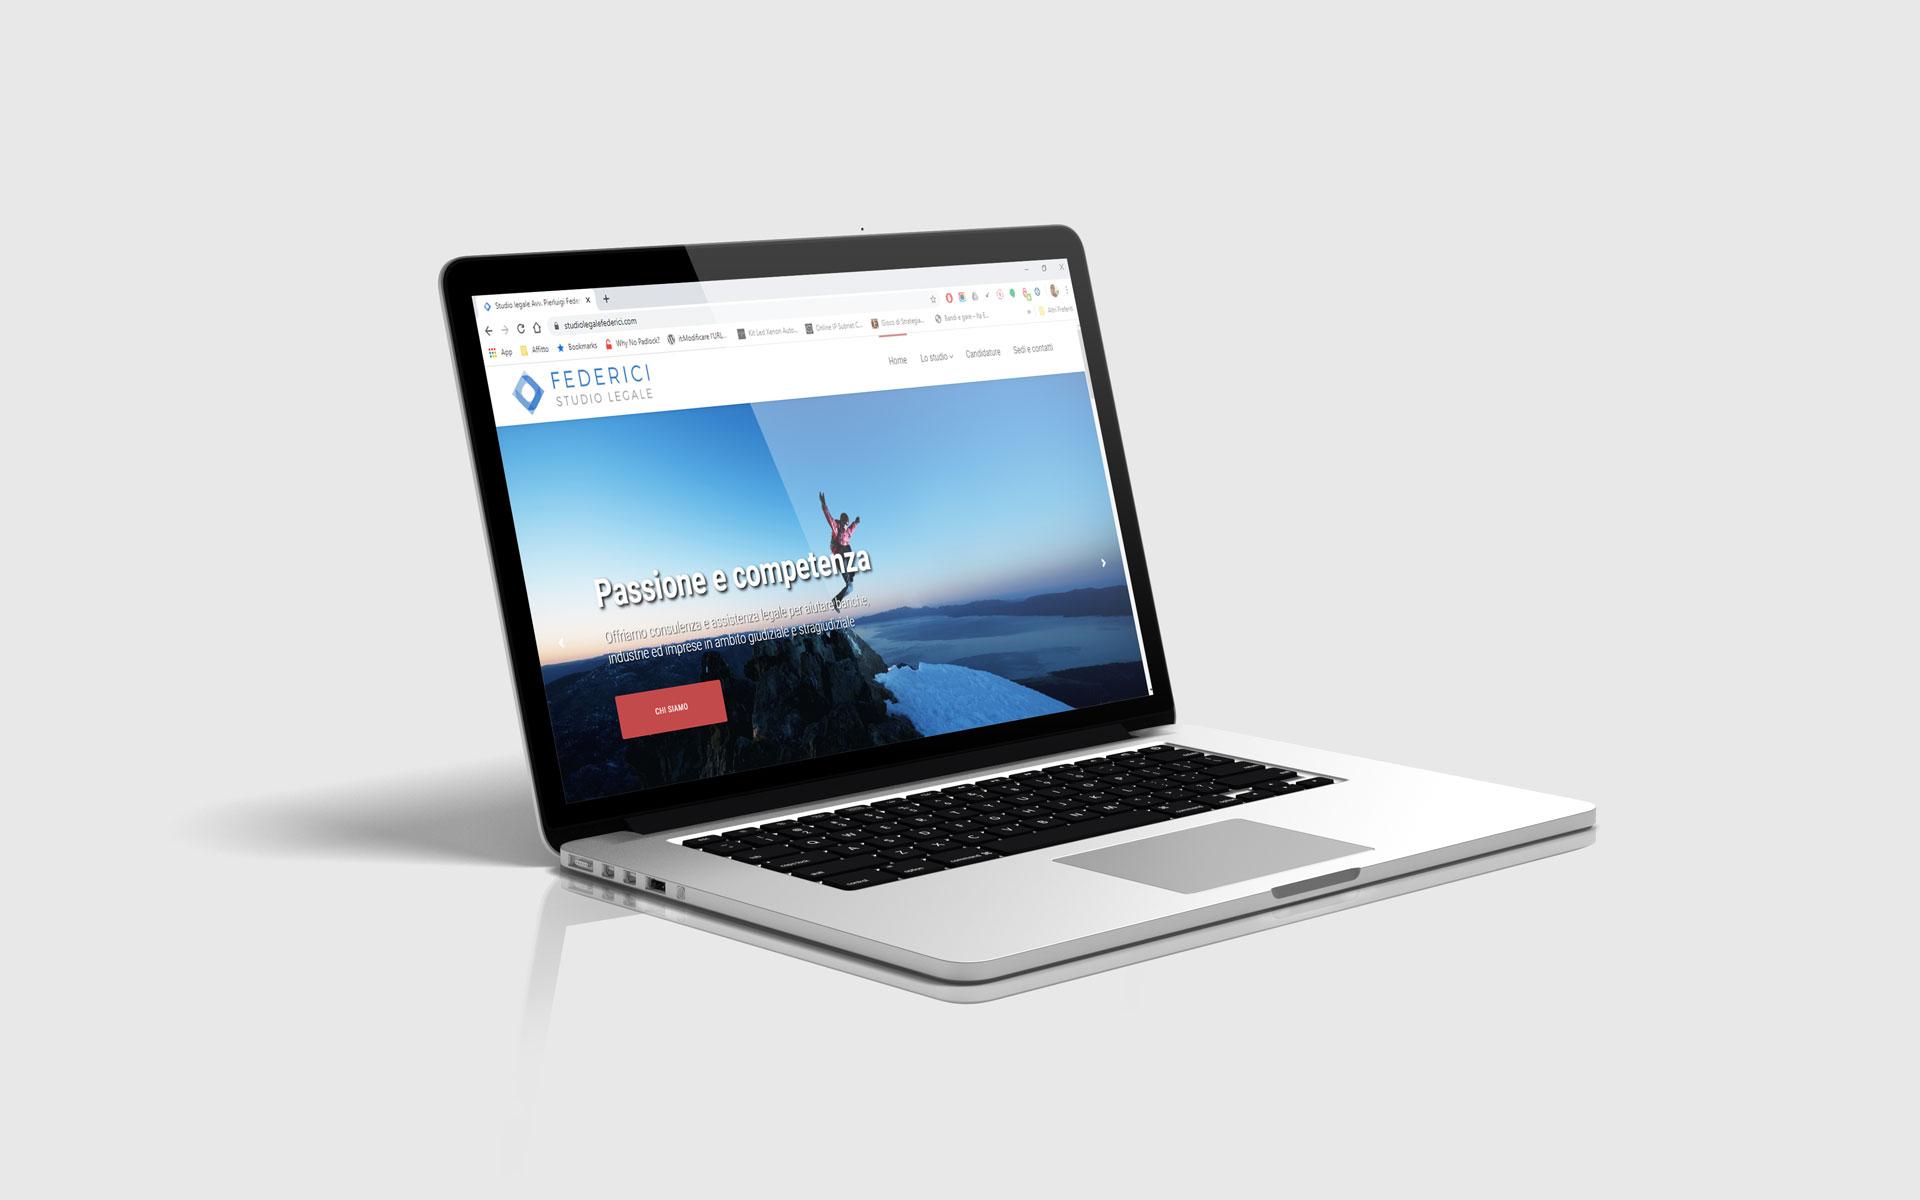 Realizzazione siti web - Studio Legale Federici